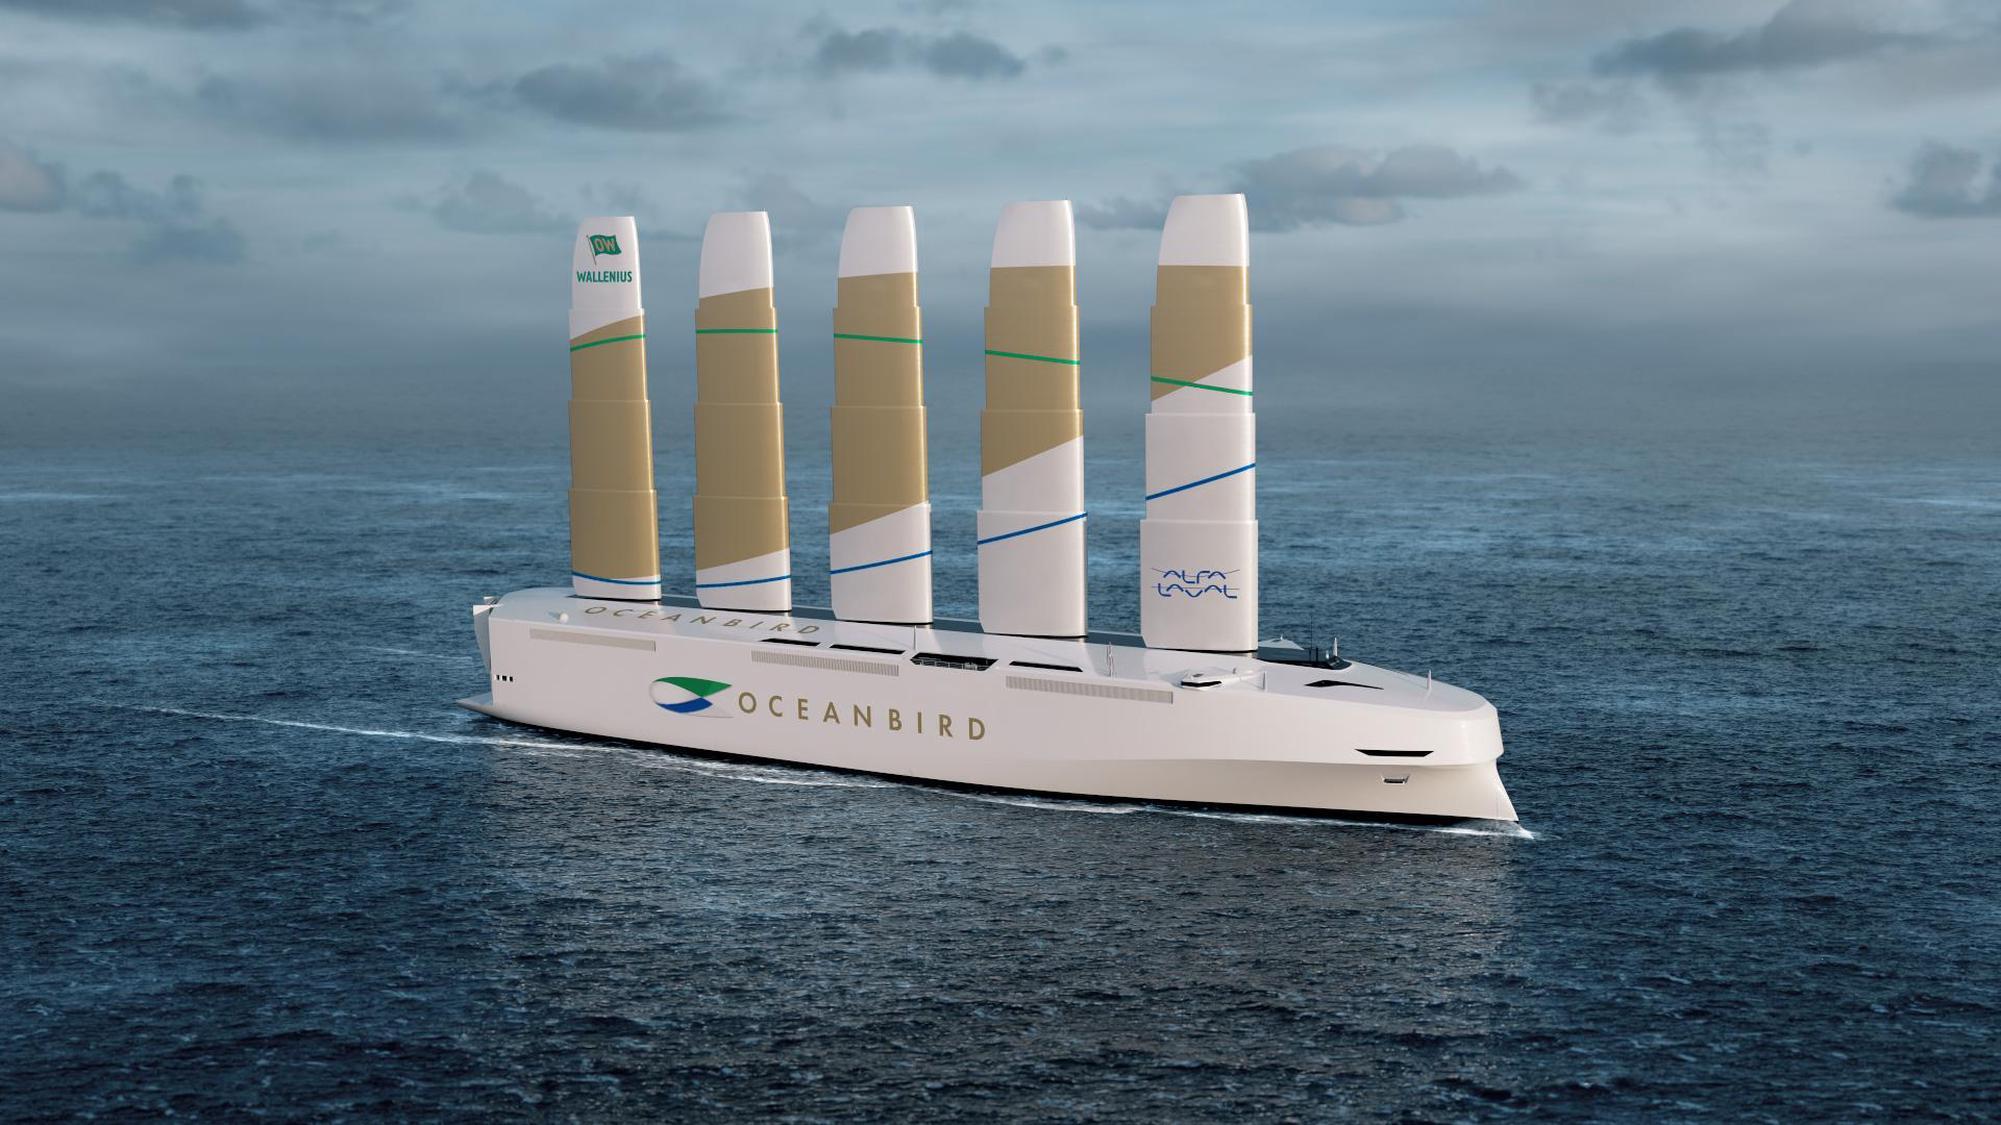 Die flügelartigen Segel der «Oceanbird» lassen sich wie Teleskope ausfahren und einziehen, was auch die Fahrt unter Brücken durch ermöglicht. Wallenius Marine